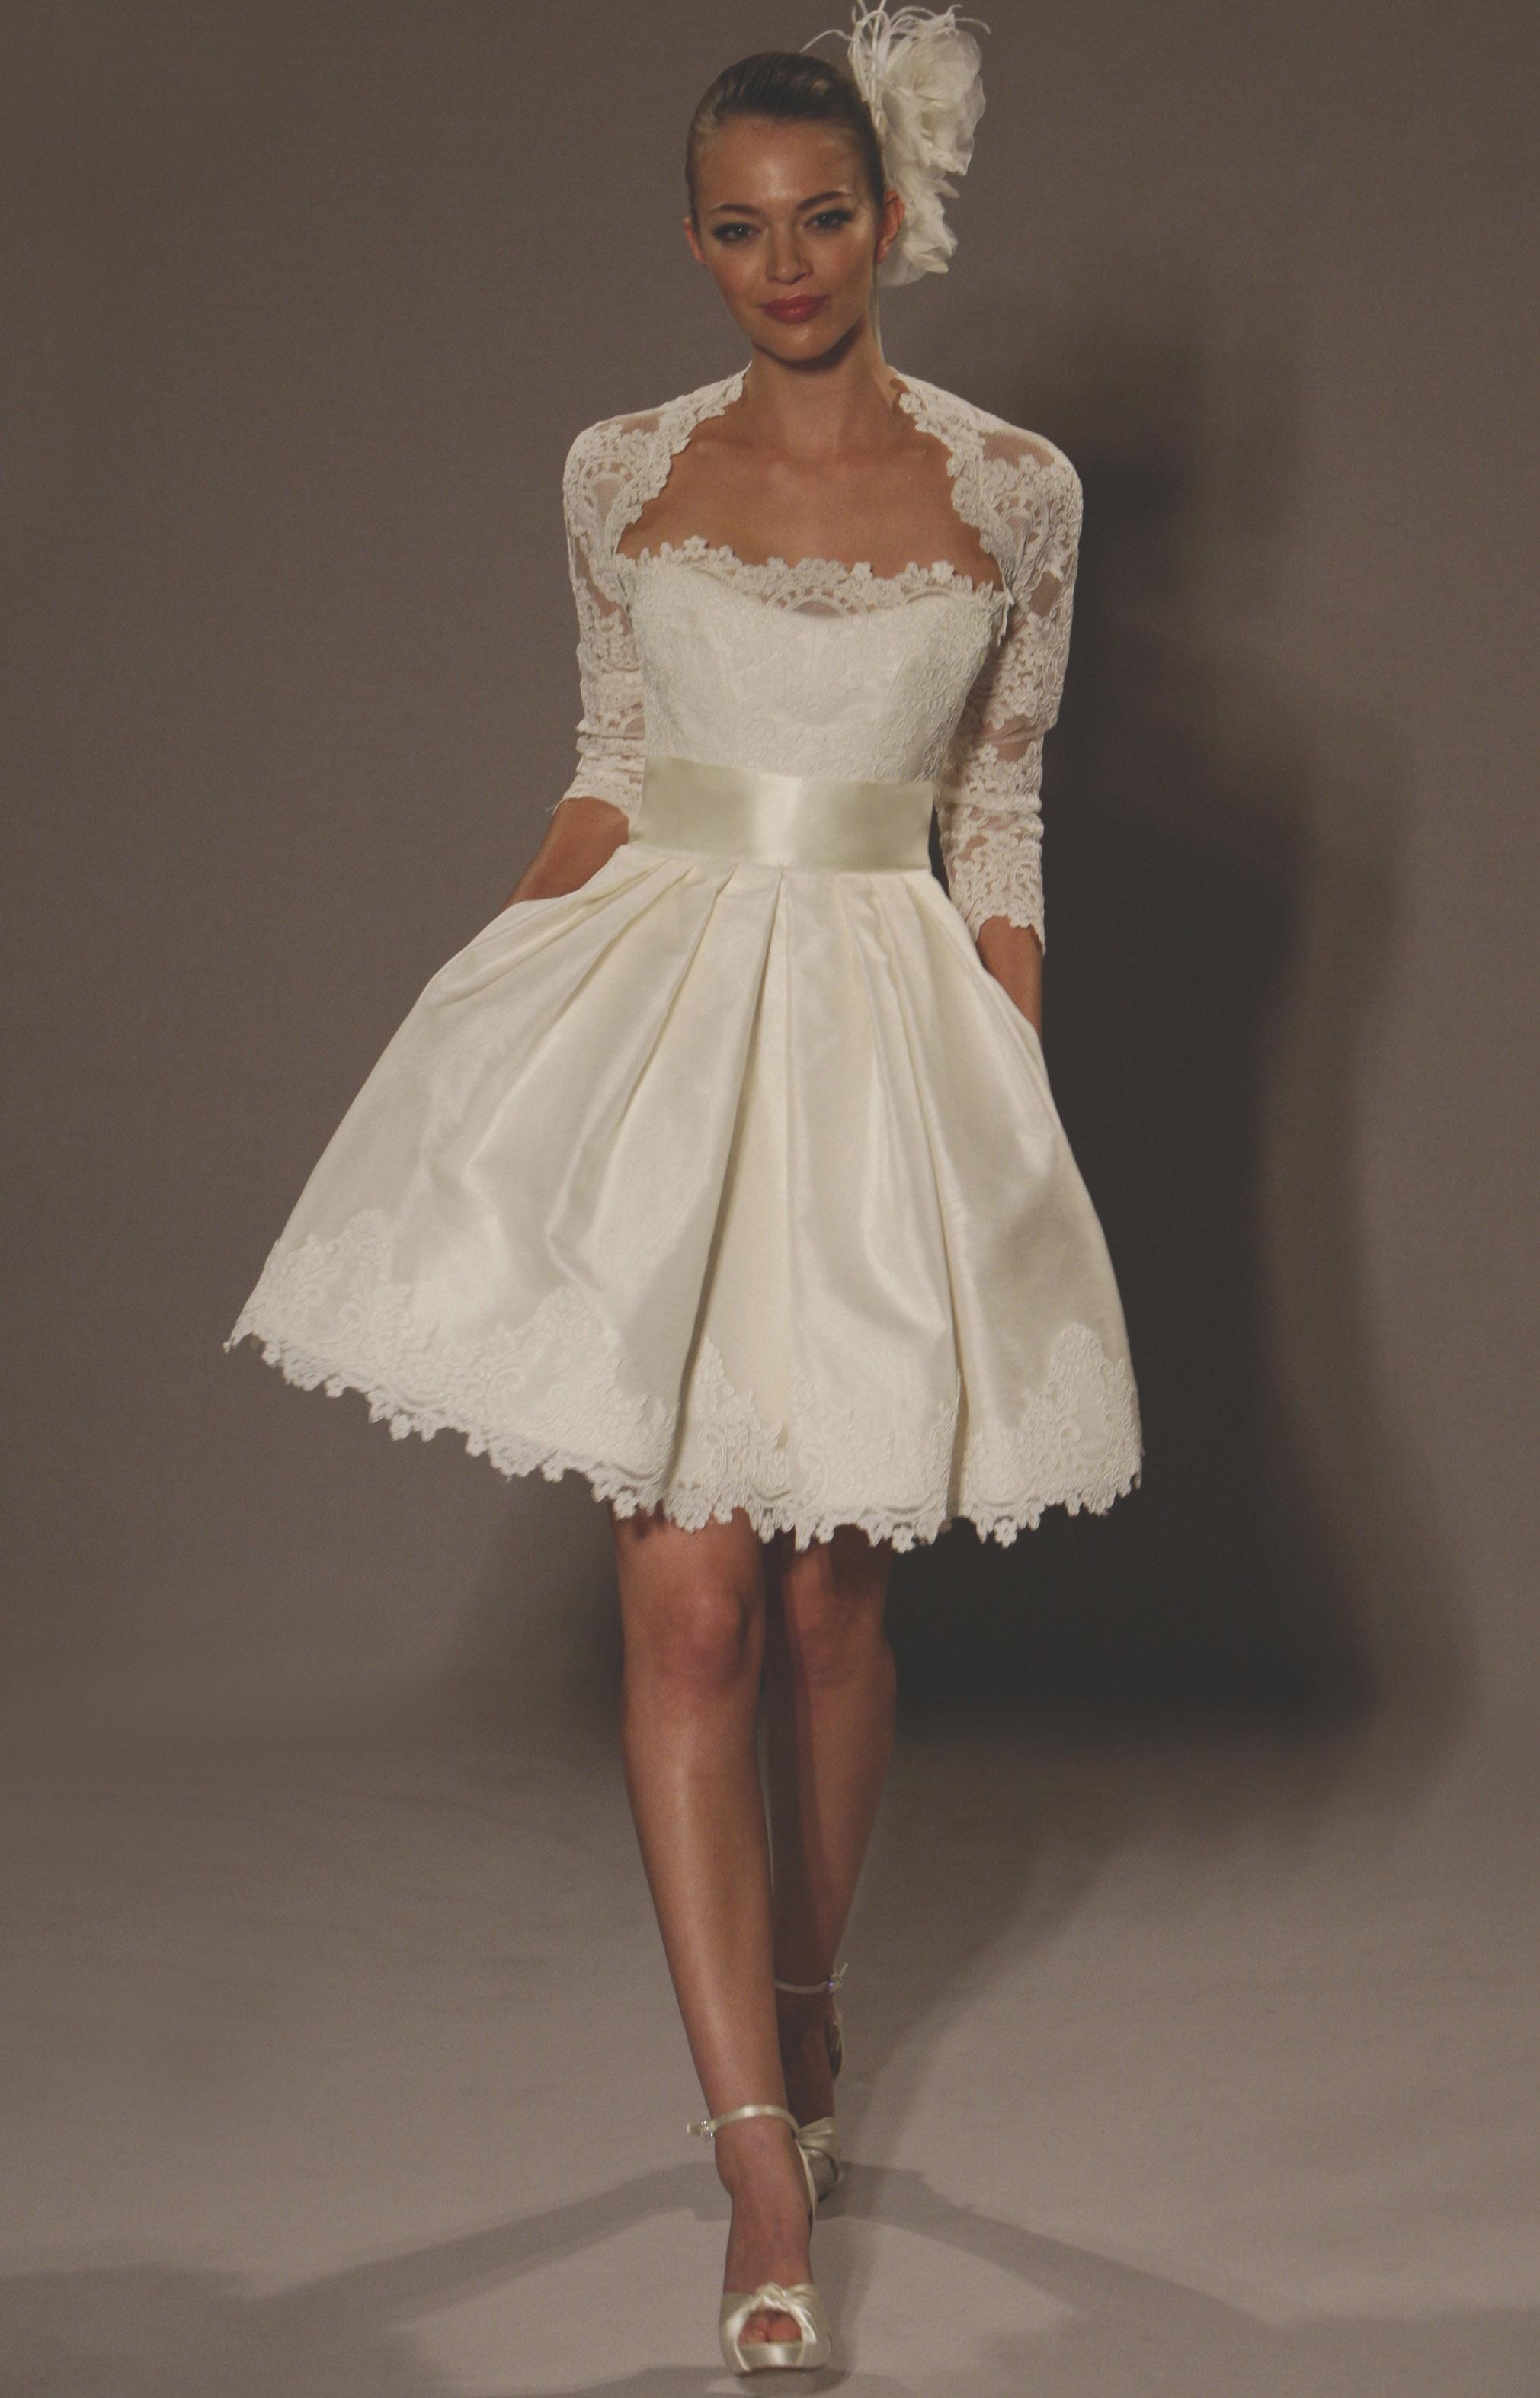 Короткие свадебные платья в СПб: самый большой выбор классических и нестандартных вариантов. Короткие платья на самый взыскательный вкус от